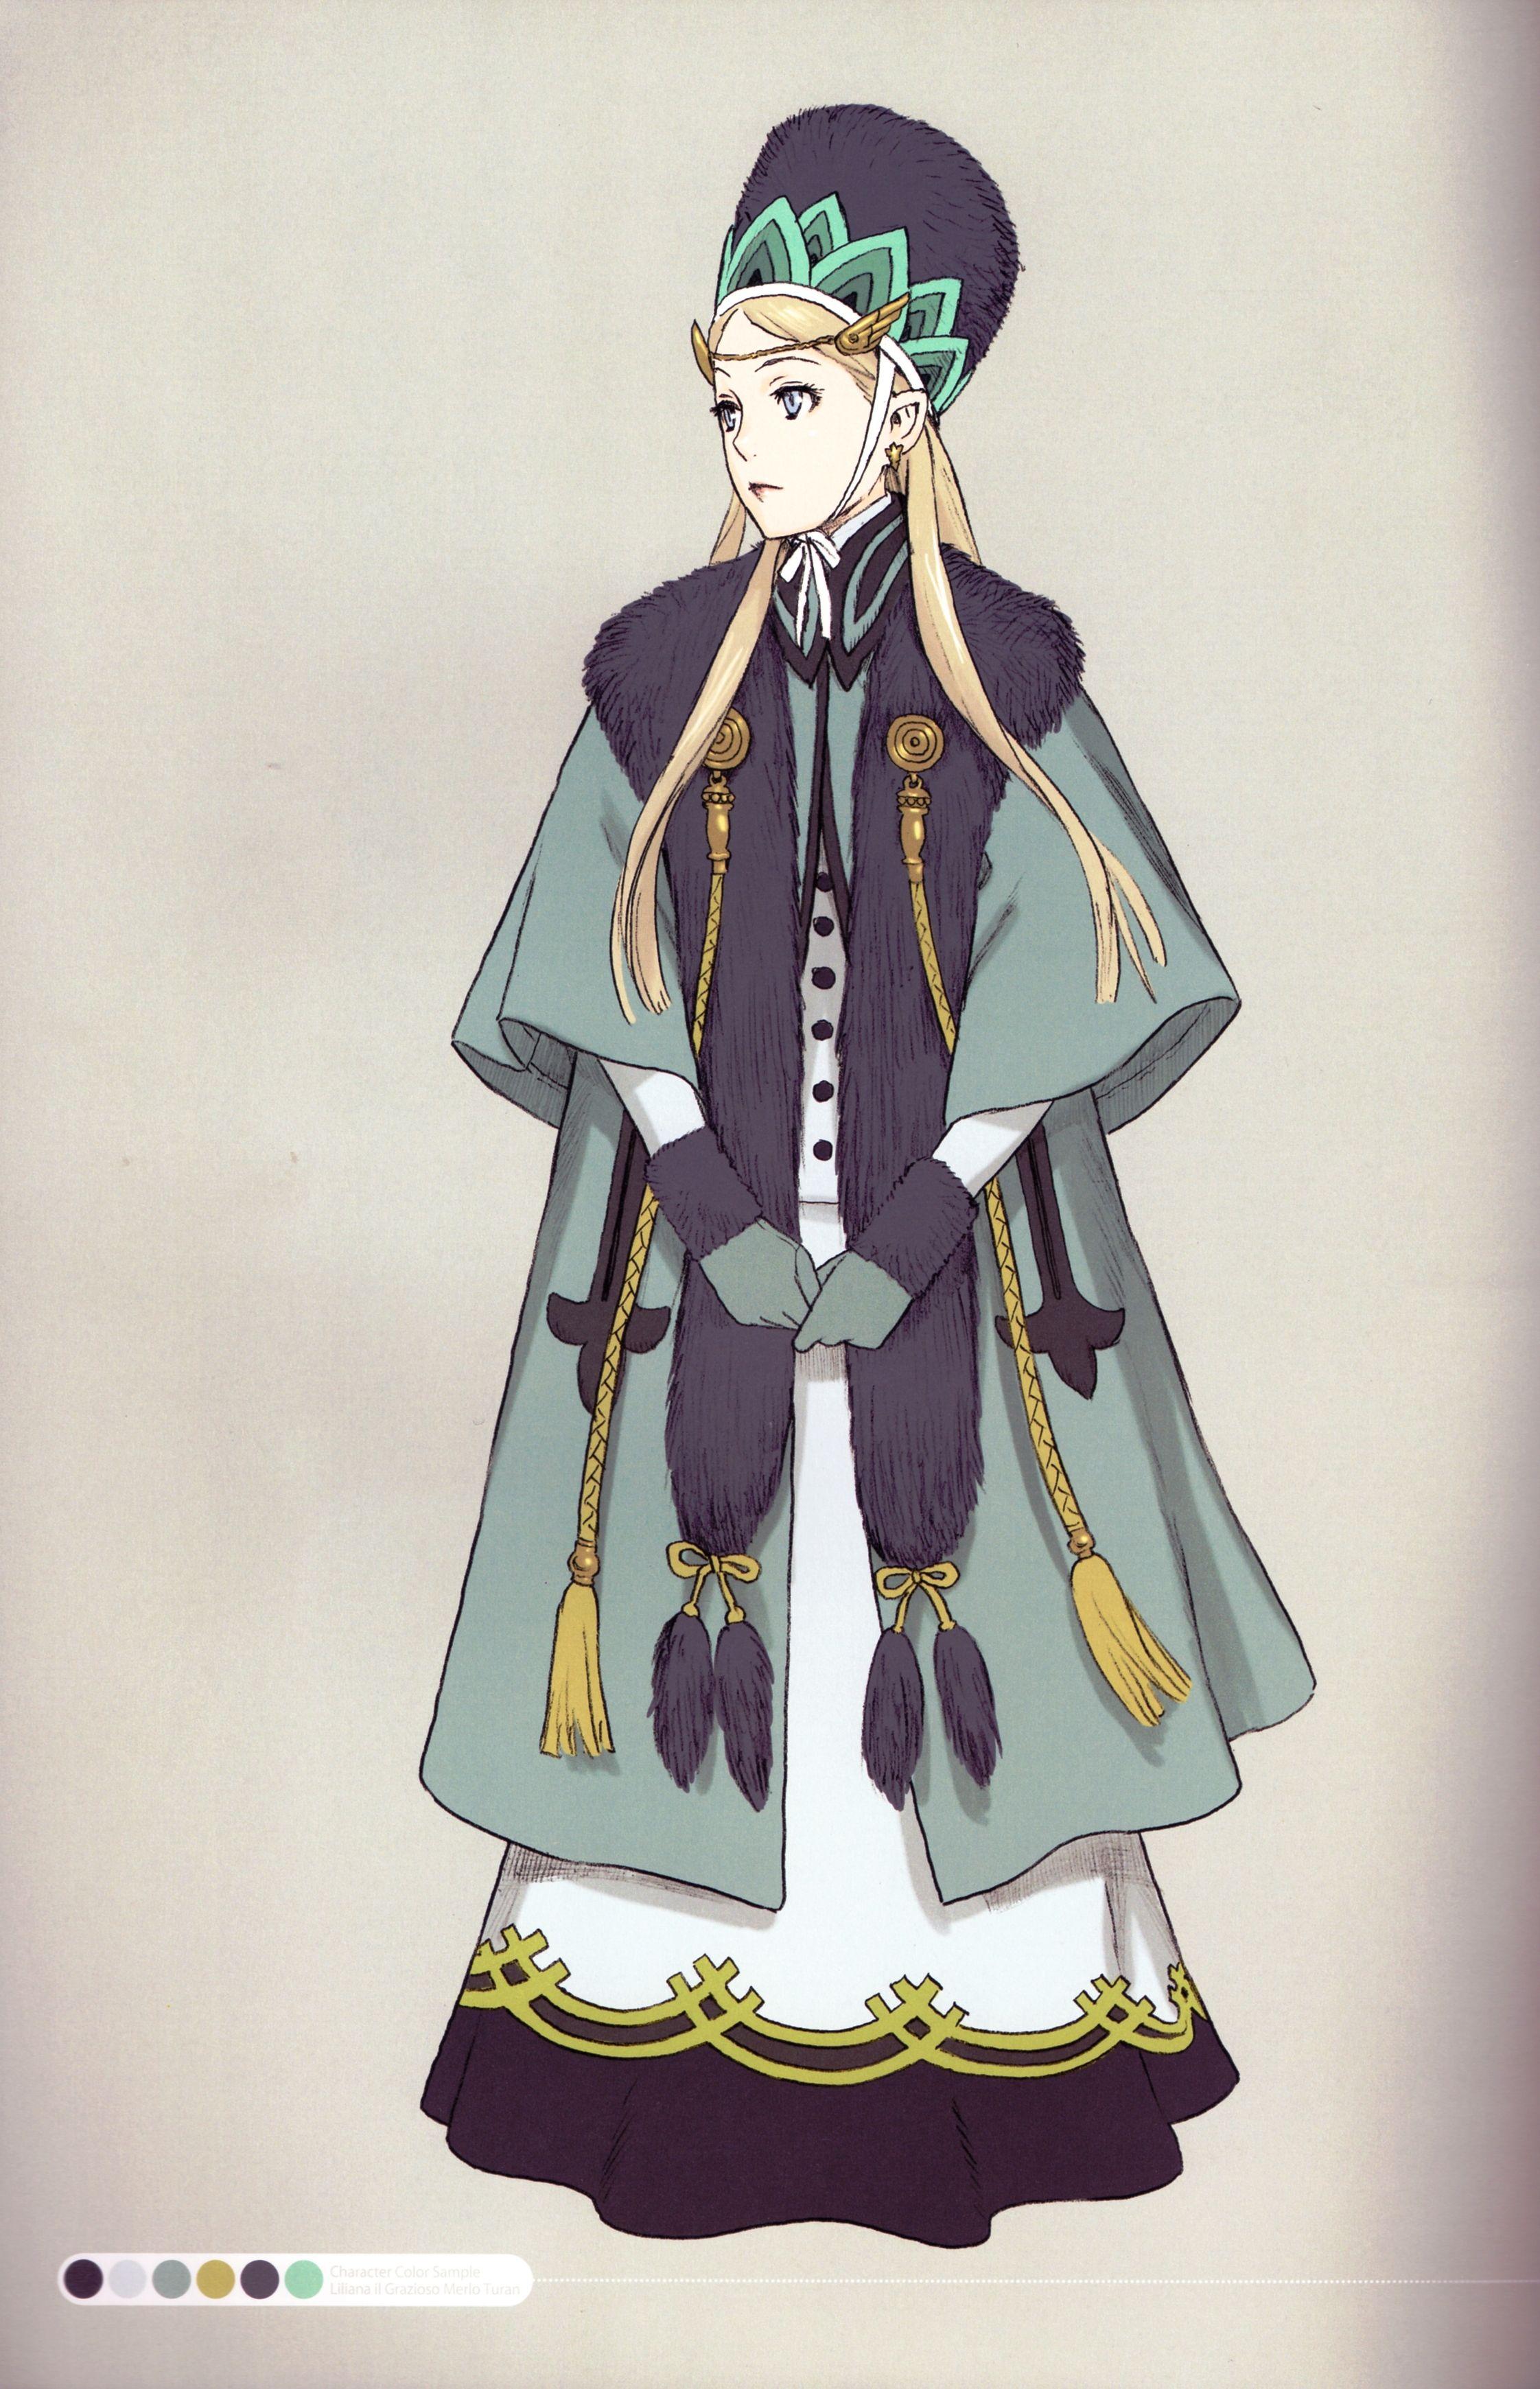 Last exile liliana il grazioso merlo turan ファンタジーの服